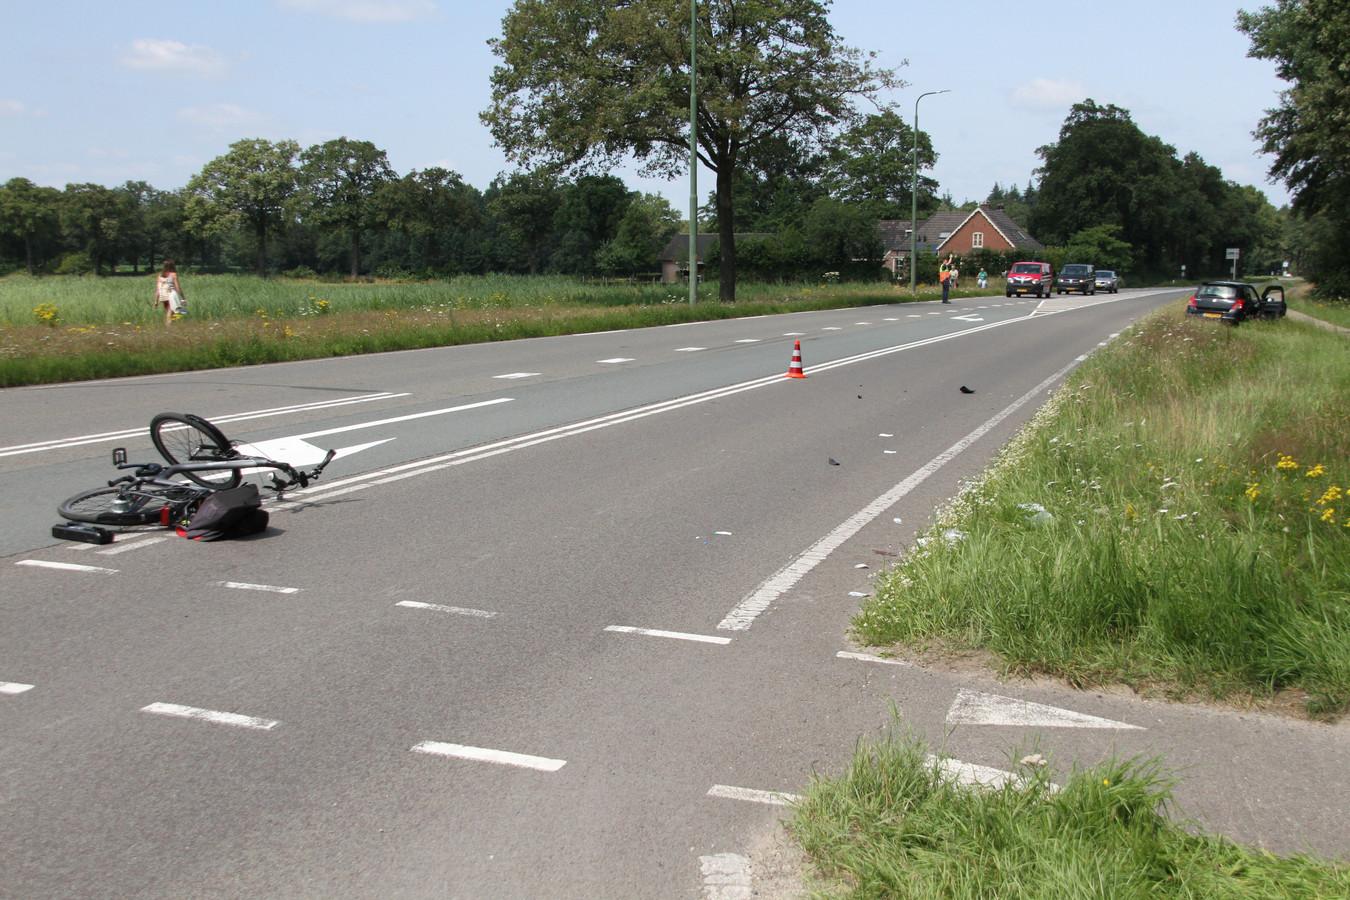 Na een aanrijding met een auto op de kruising Wechelerweg met de Raalterweg moest een fietser met onbekend letsel naar het ziekenhuis worden gebracht.